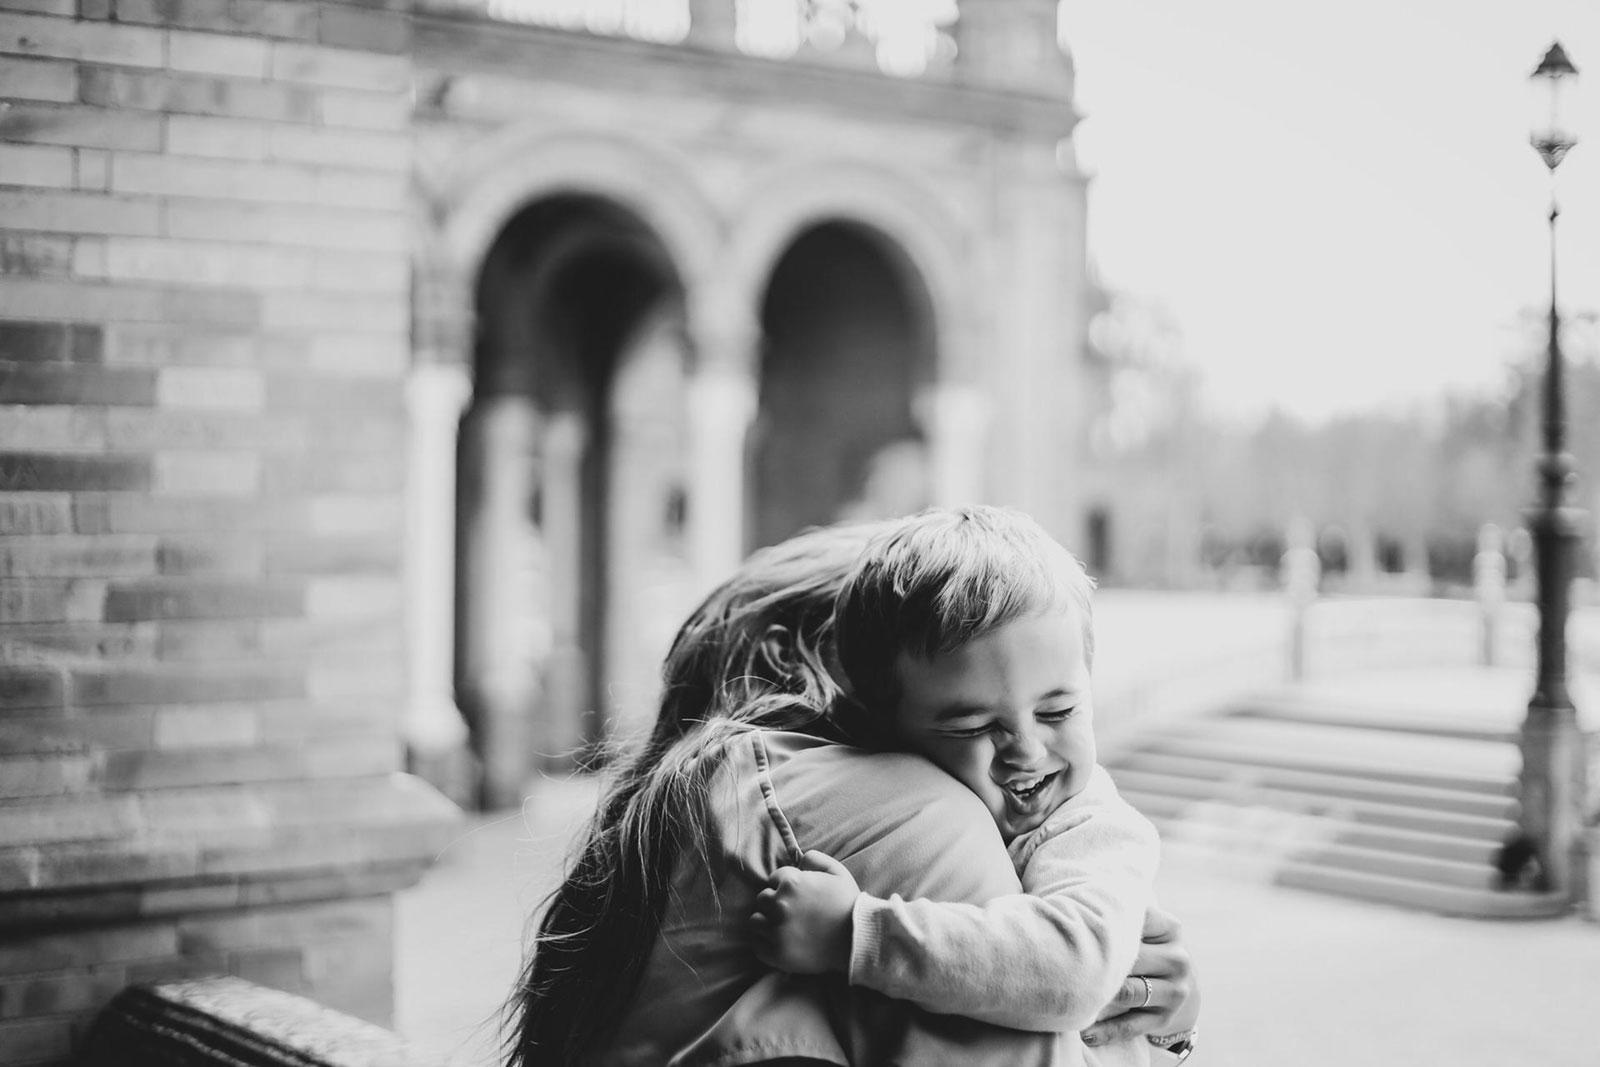 Duas crianças abraçam-se apertadamente, em ambiente citadino.